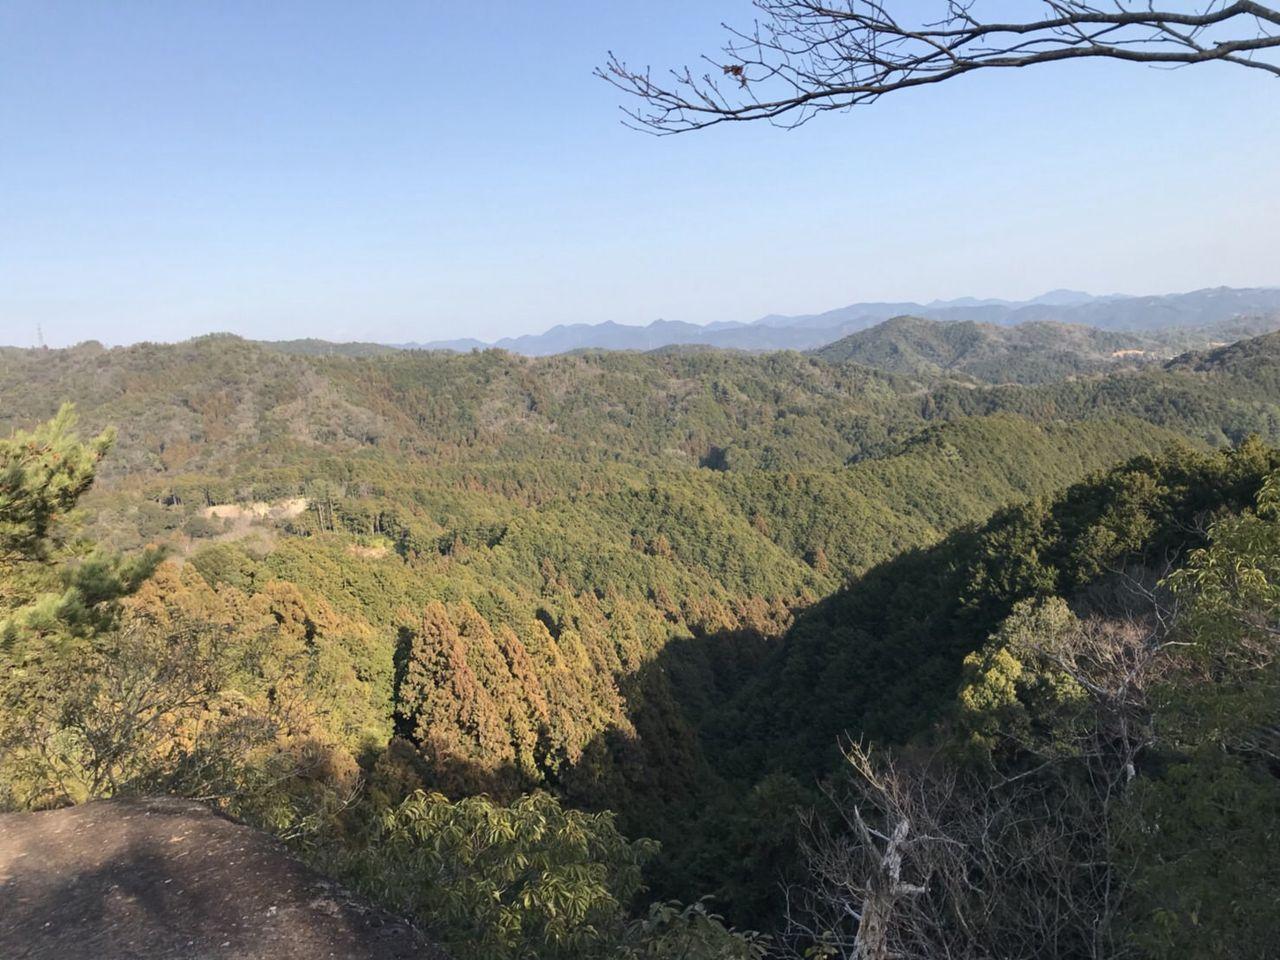 独りで登山中に大声で歌った結果www(※画像あり)